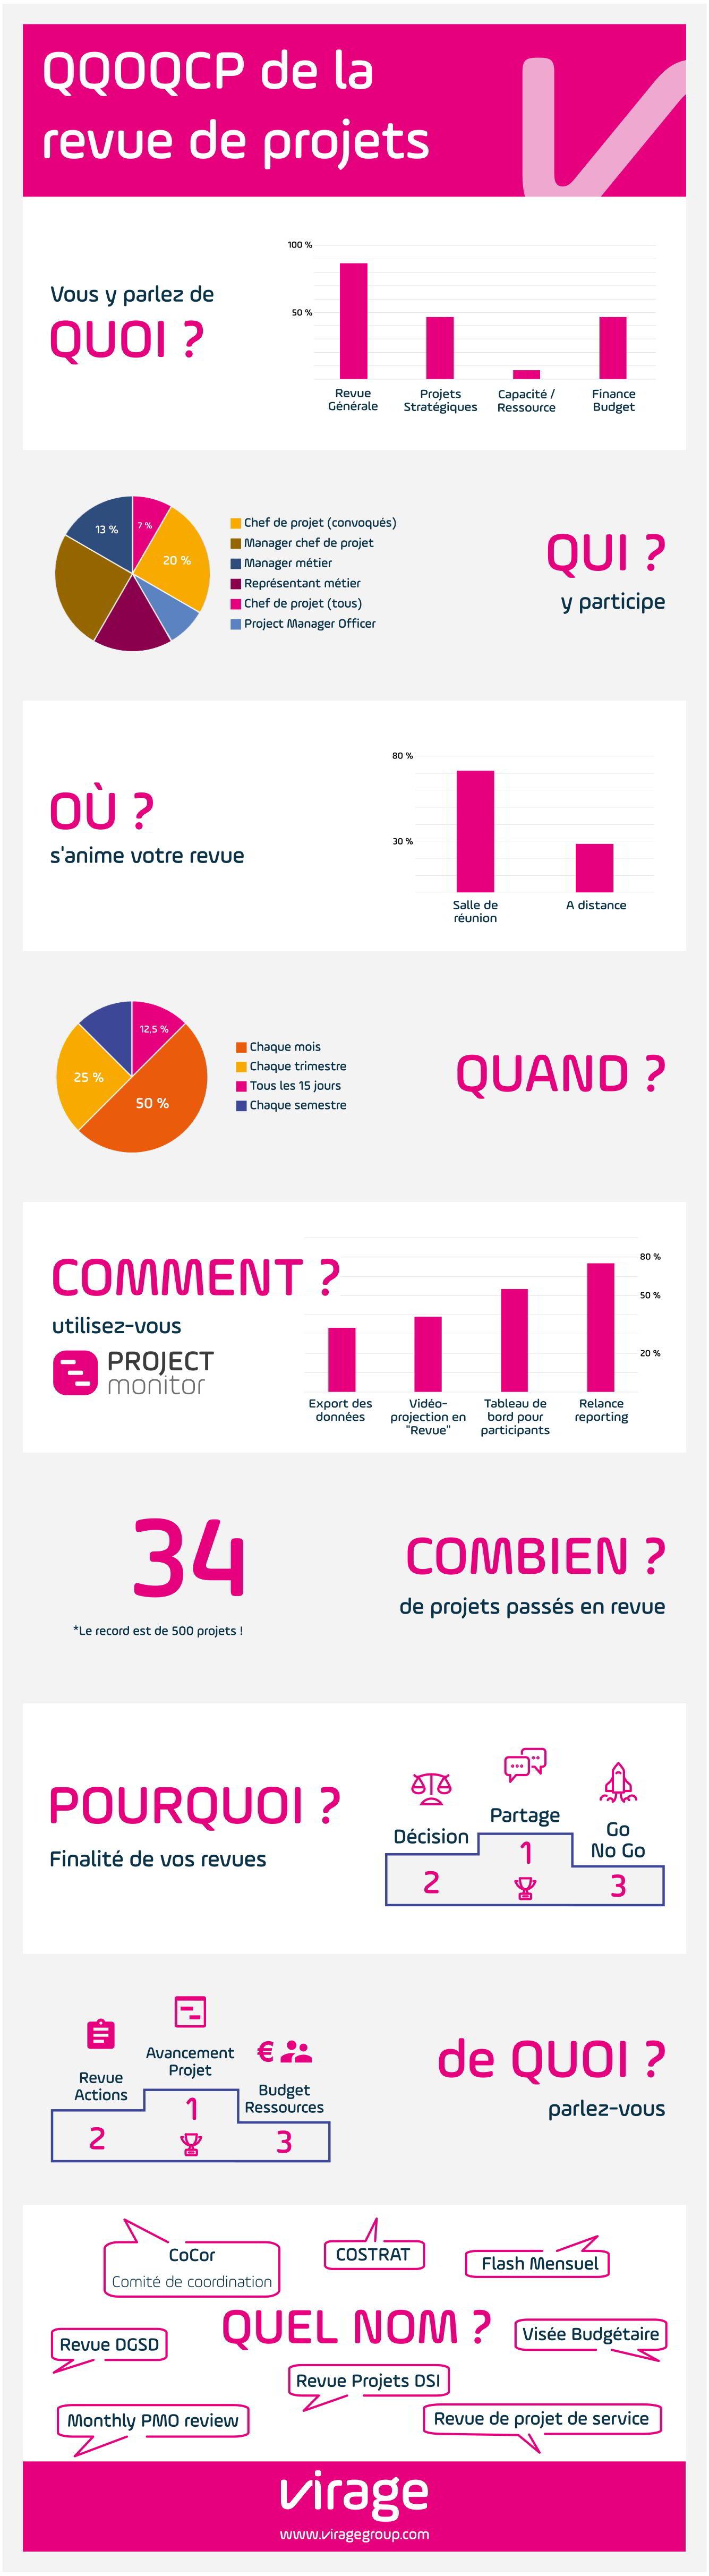 Revue de projets - QQOQCP - Outil PPM